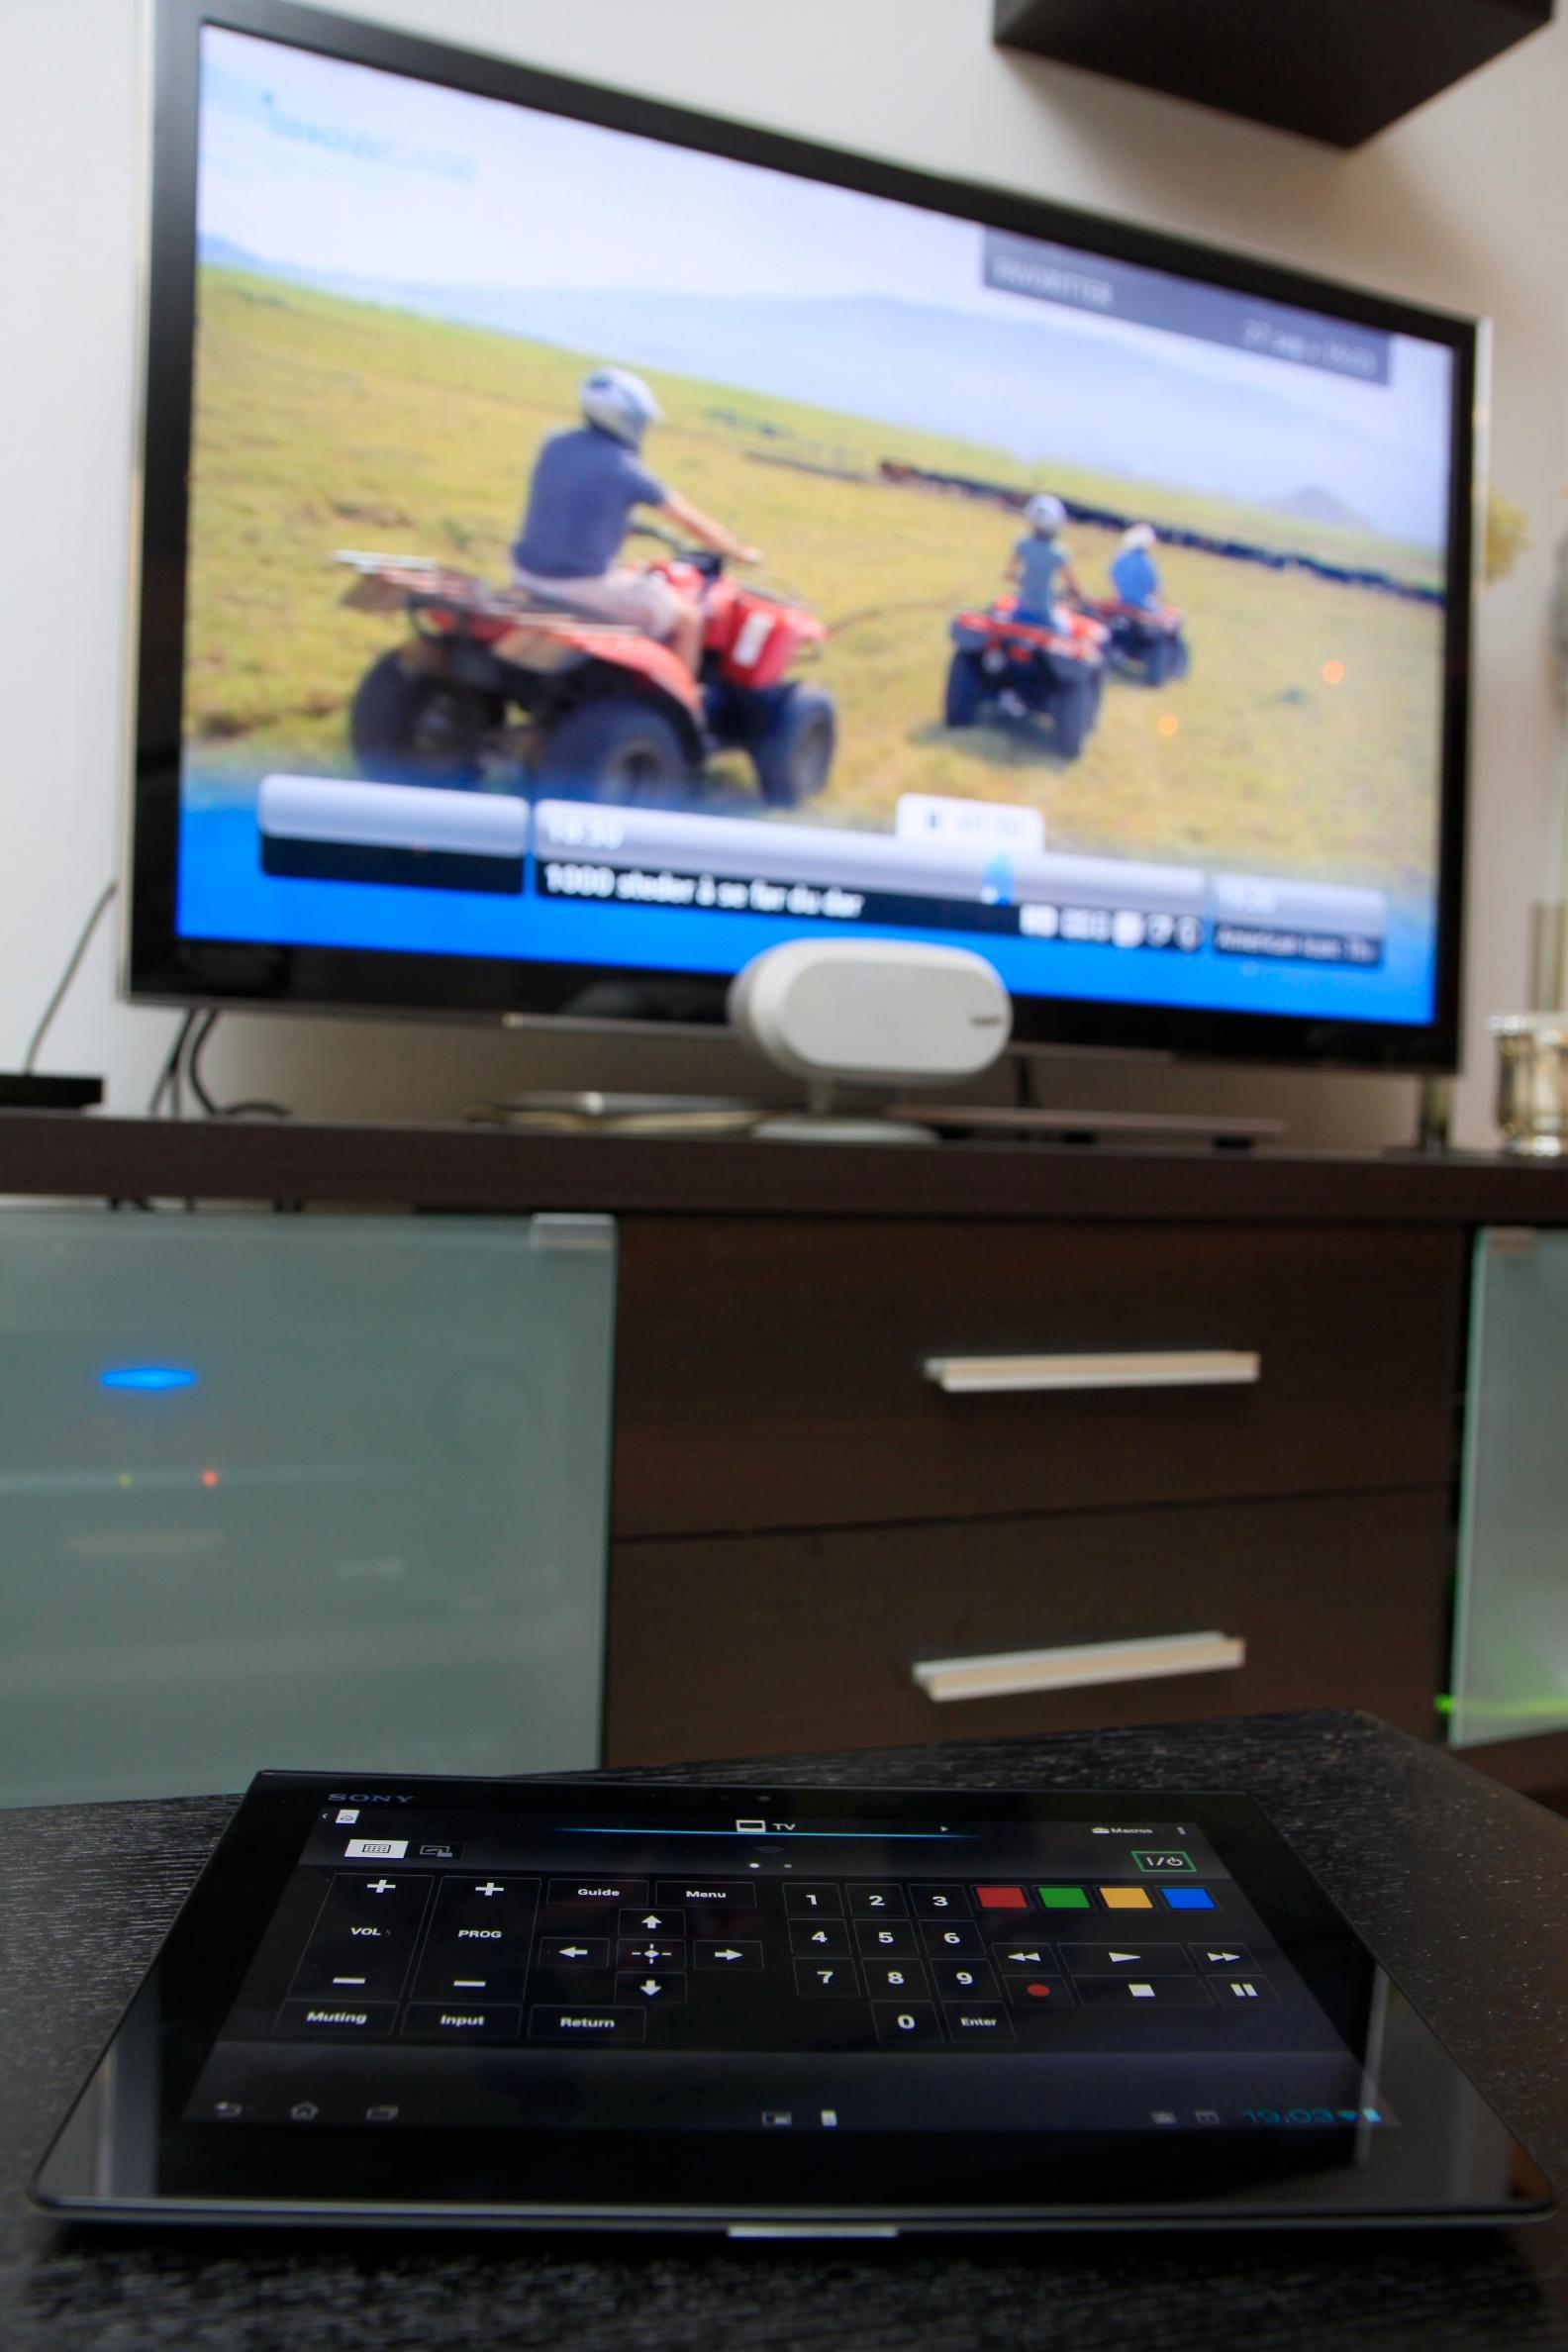 Med fjernkontroll-appen kan du bruke Tablet S til å betjene TV-en eller hjemmekinoanlegget ditt.Foto: Kurt Lekanger, Amobil.no